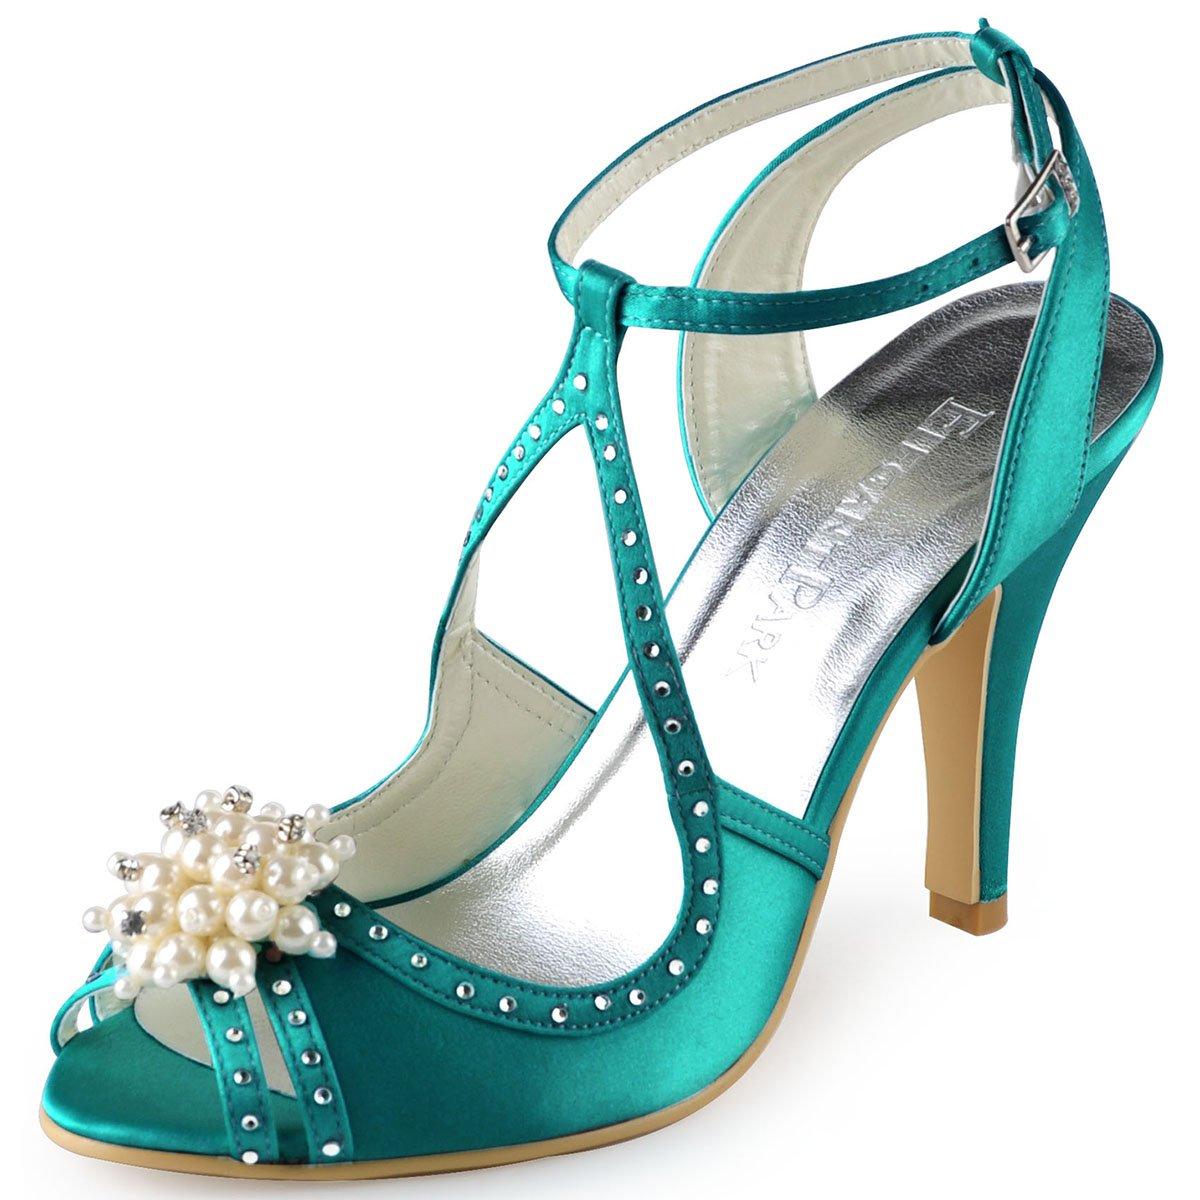 Elegantpark EP11058 Bout Aiguille Ouvert Satin Perle 19614 Strass Aiguille Mariage Talon Pumps Femme Sandales Chaussures de Mariage Sarcelle cc6b5a1 - latesttechnology.space